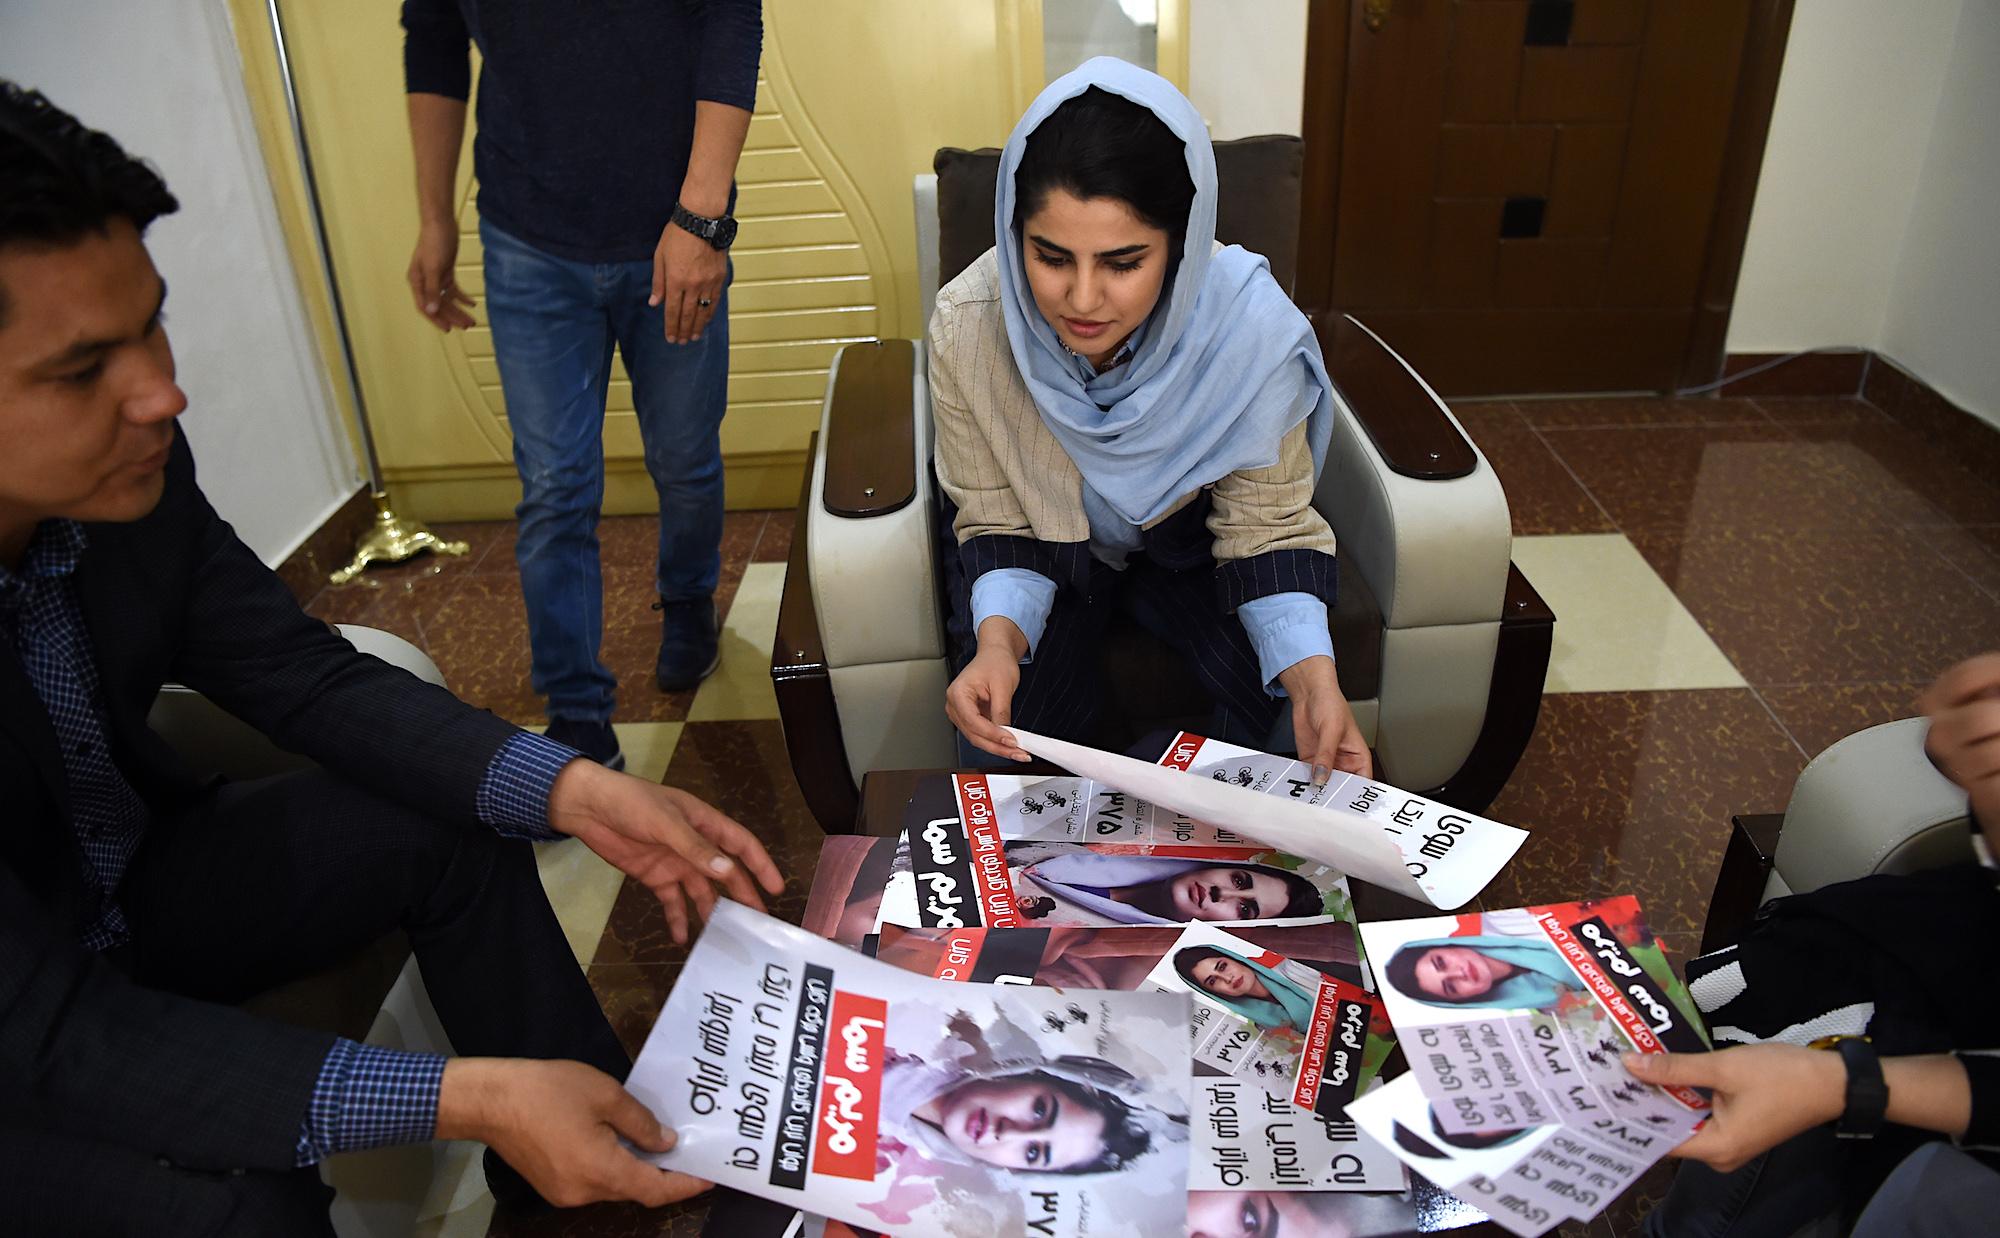 د افغانستان د ولسي جرګې کاندیدانو په رسمي توګه انتخاباتي کمپاینونه پیل کړل